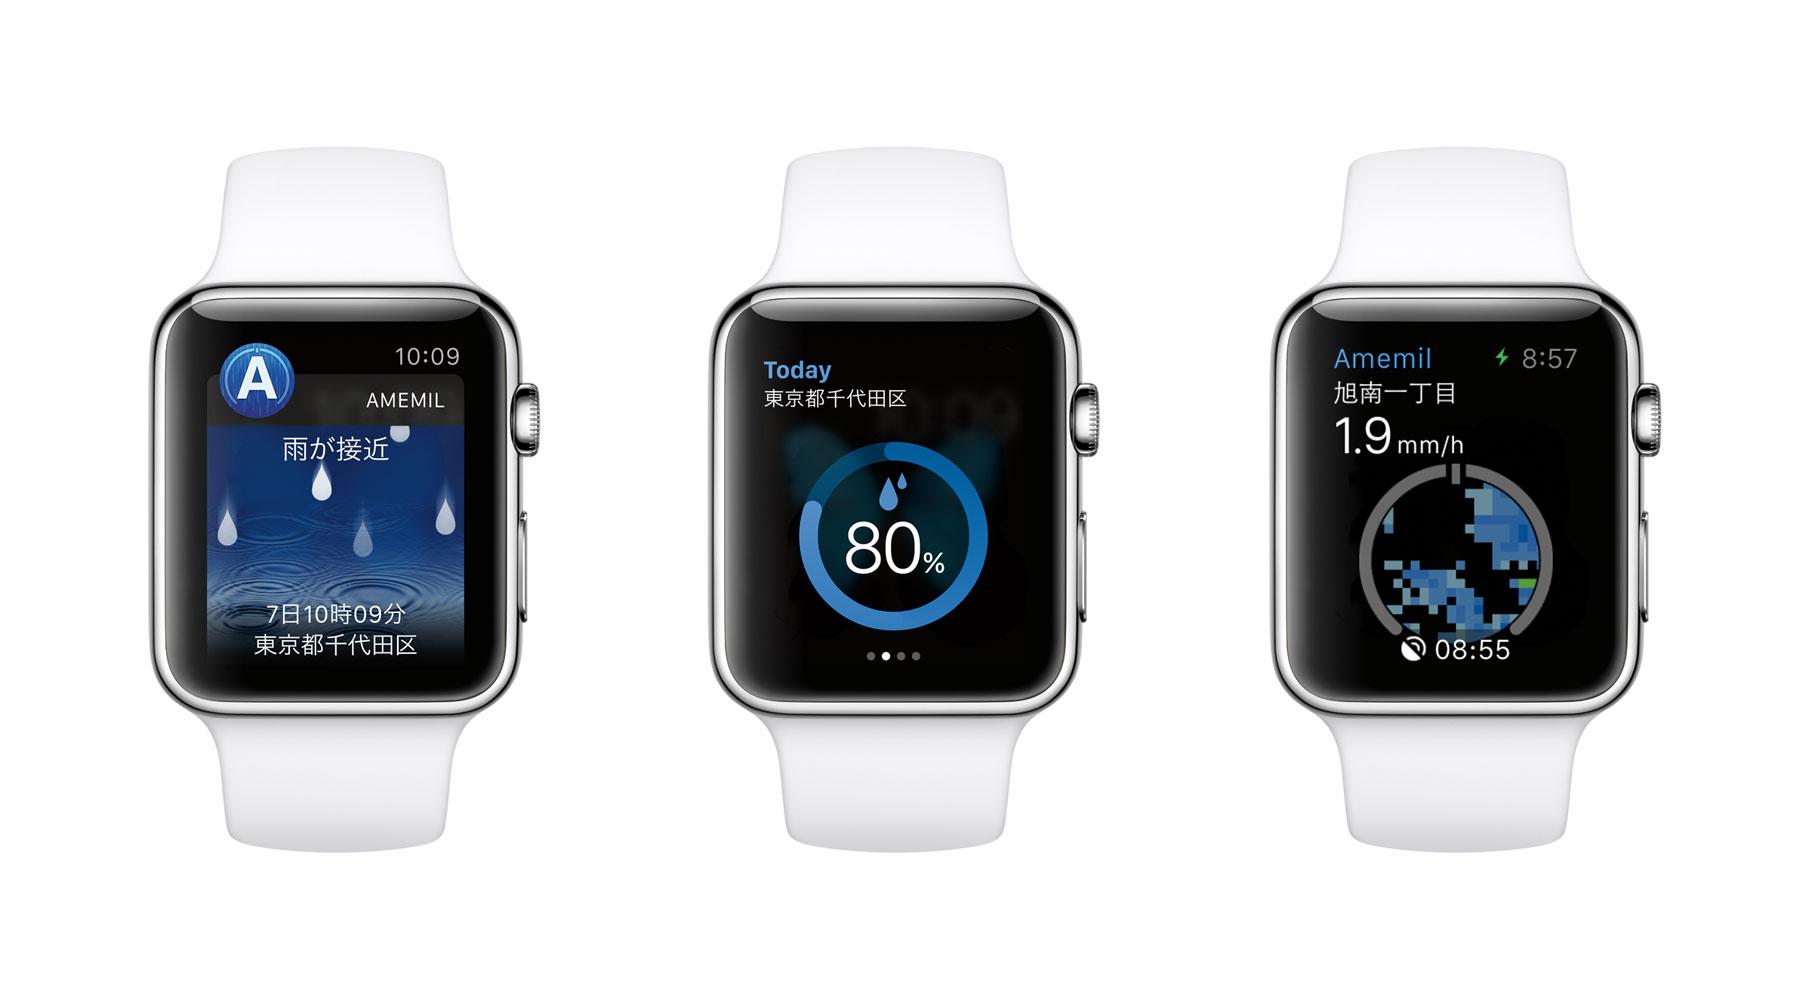 アメミル、Apple Watch対応版